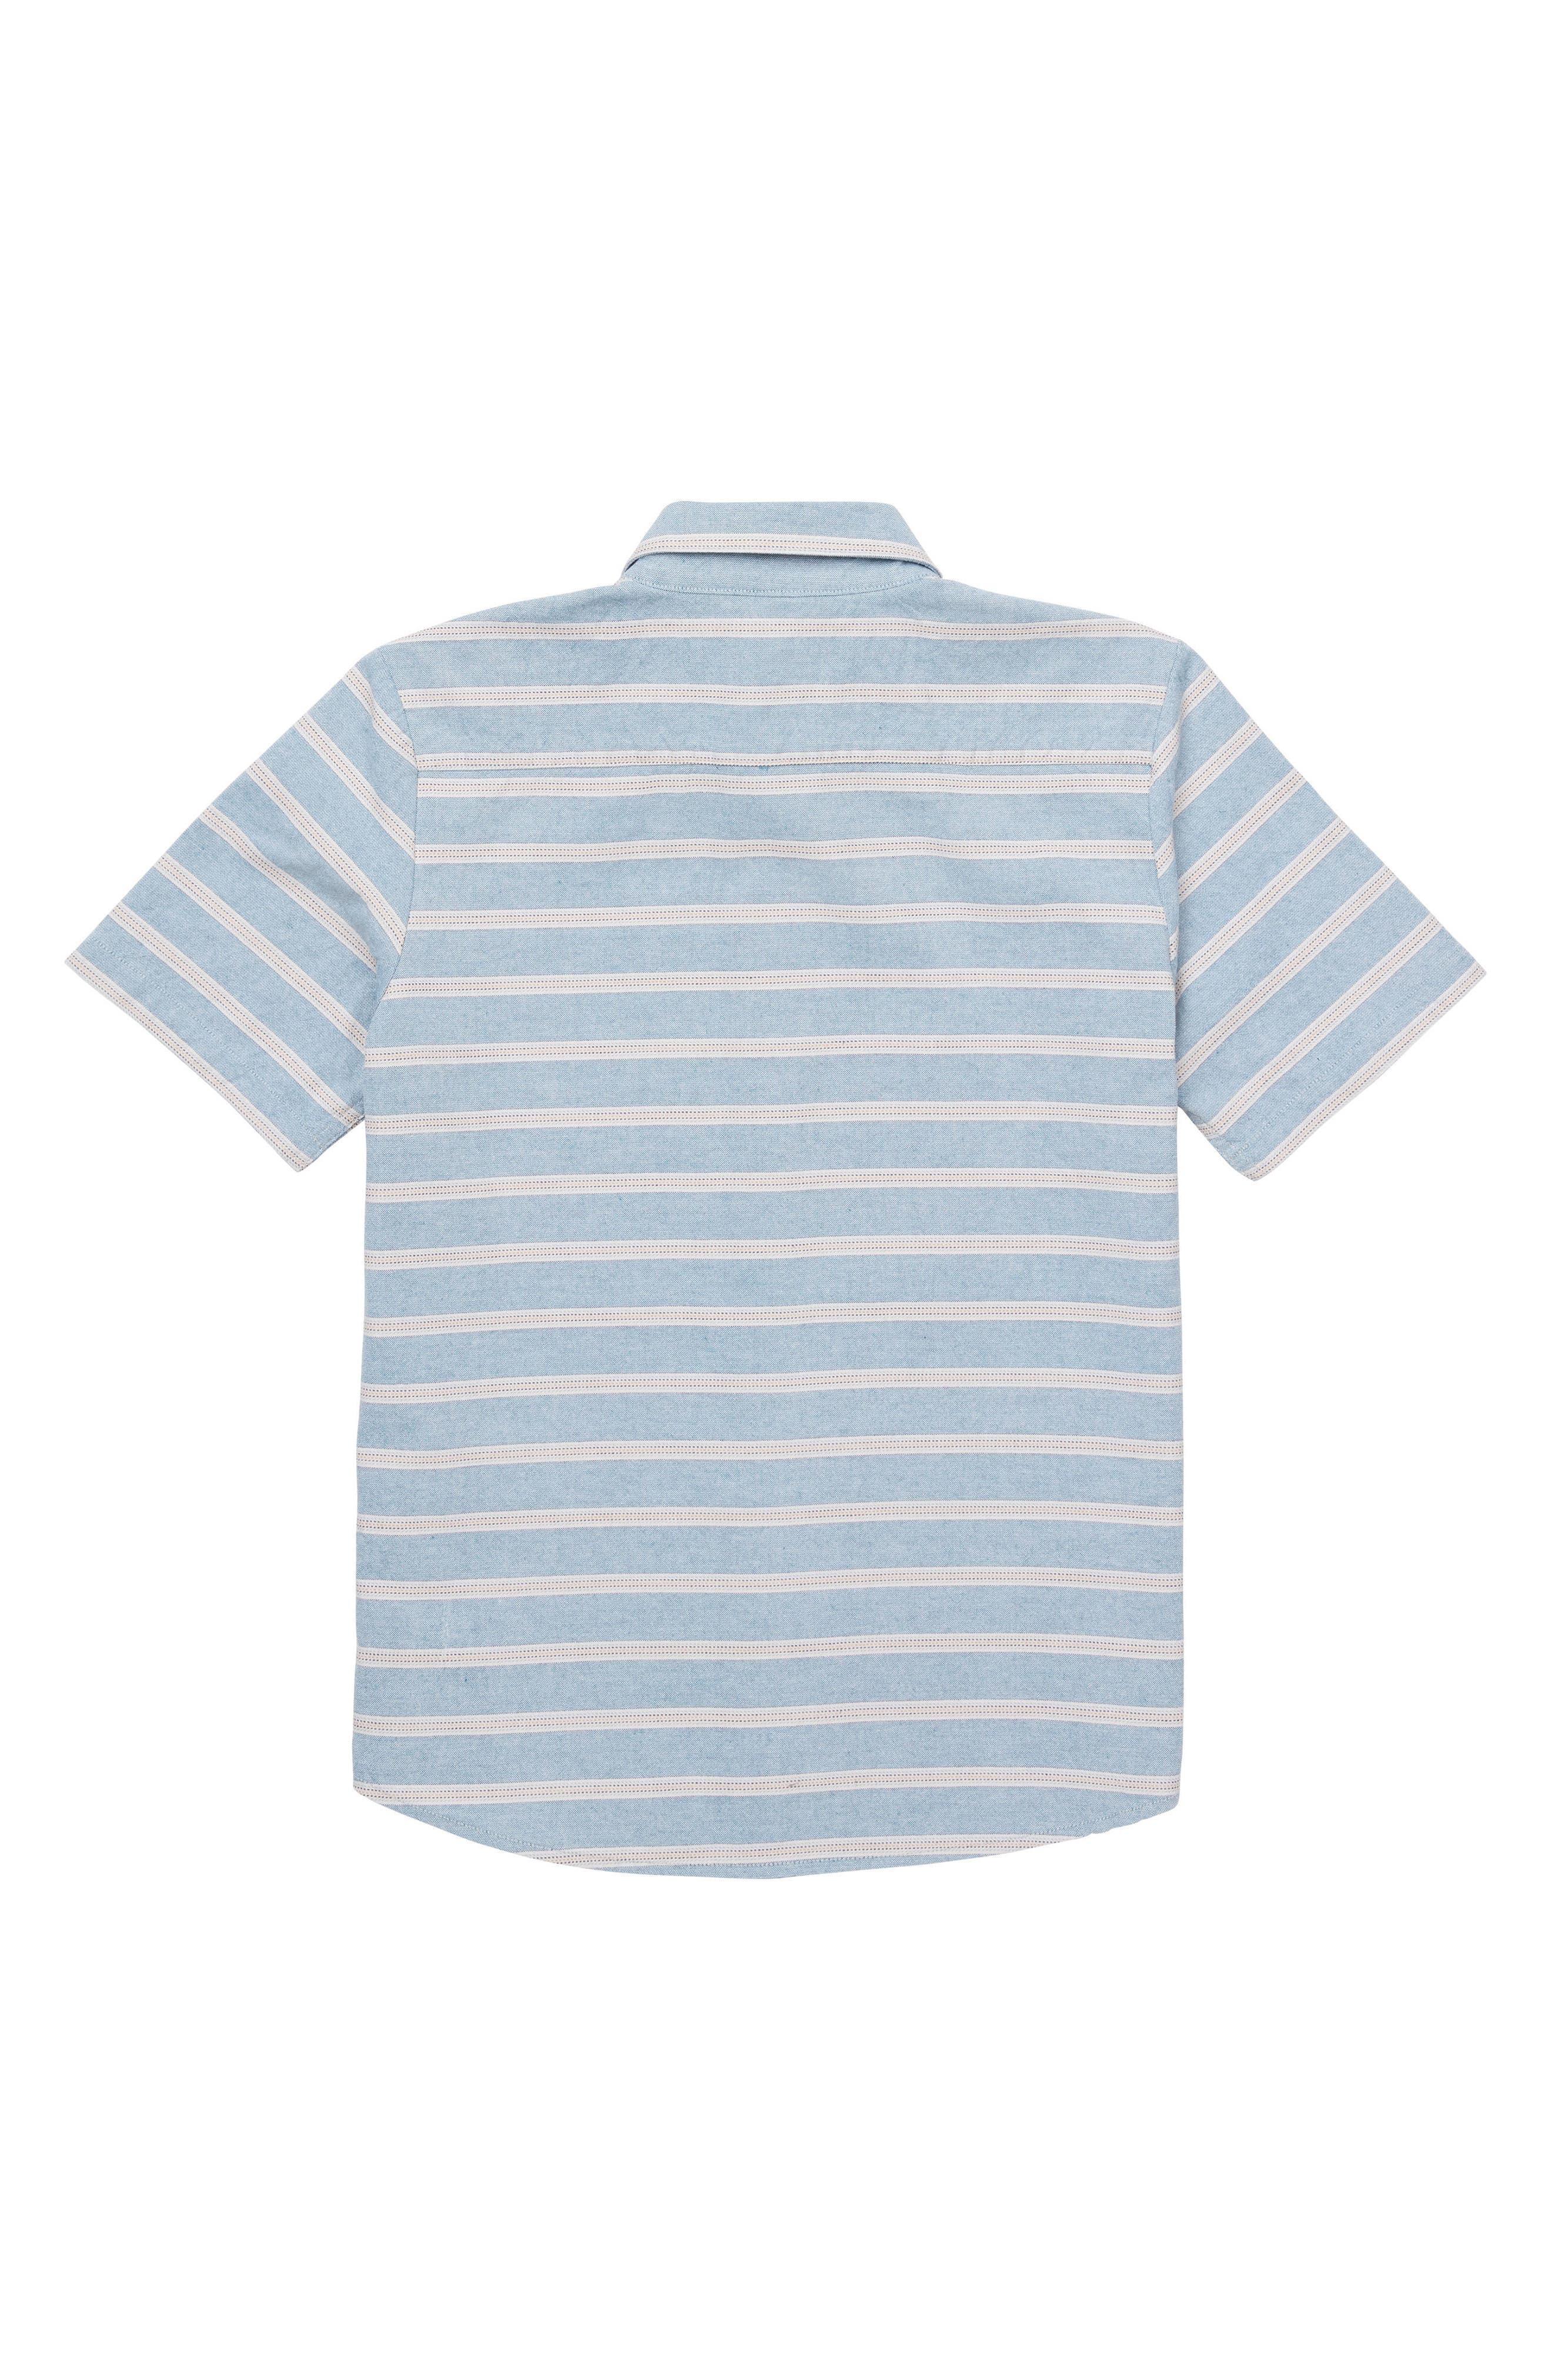 VOLCOM,                             Branson Woven Shirt,                             Alternate thumbnail 2, color,                             439